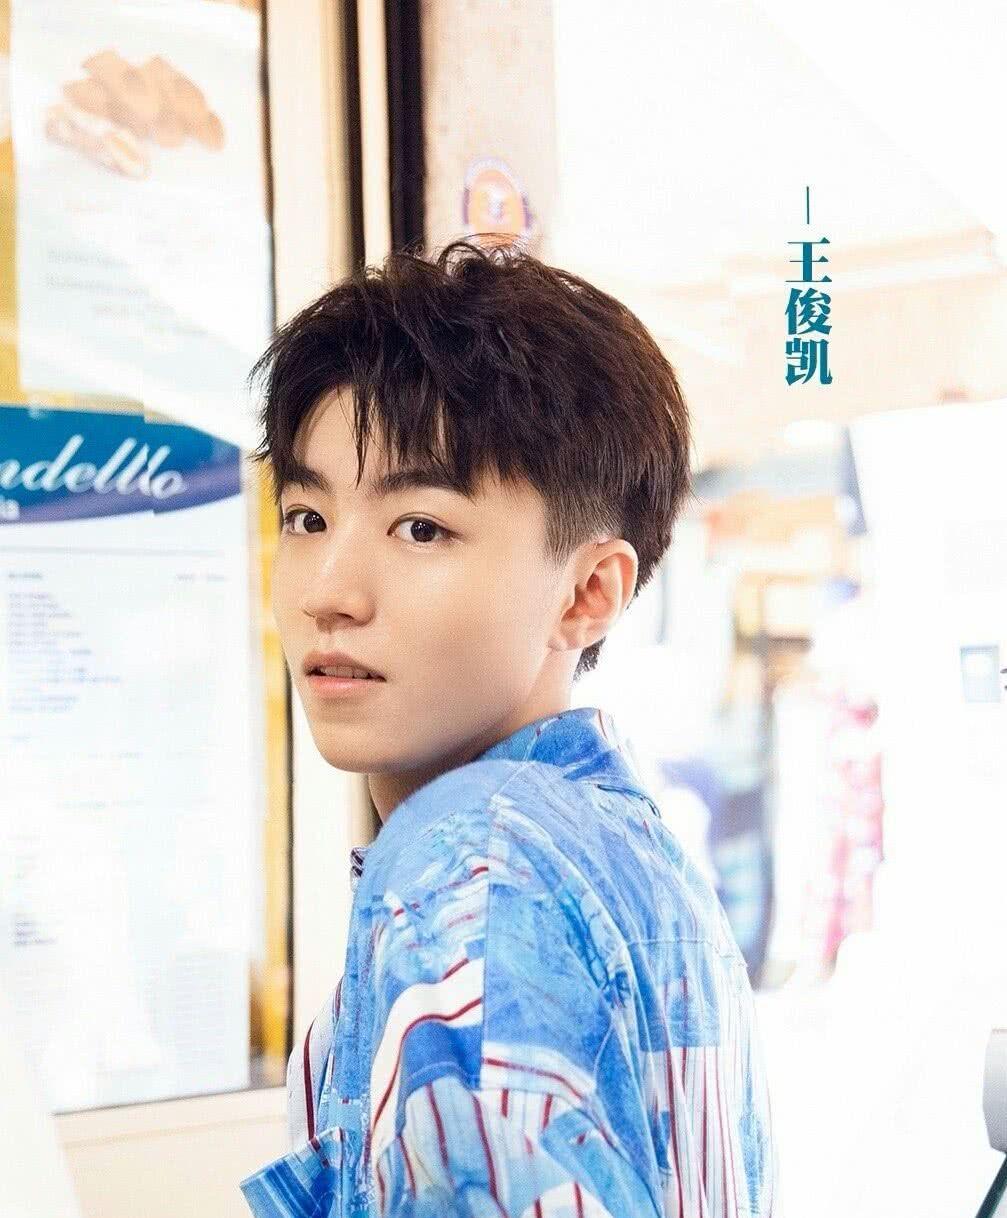 《中餐厅》第三季正式官宣,王俊凯在节目中身份变了,不是大厨了